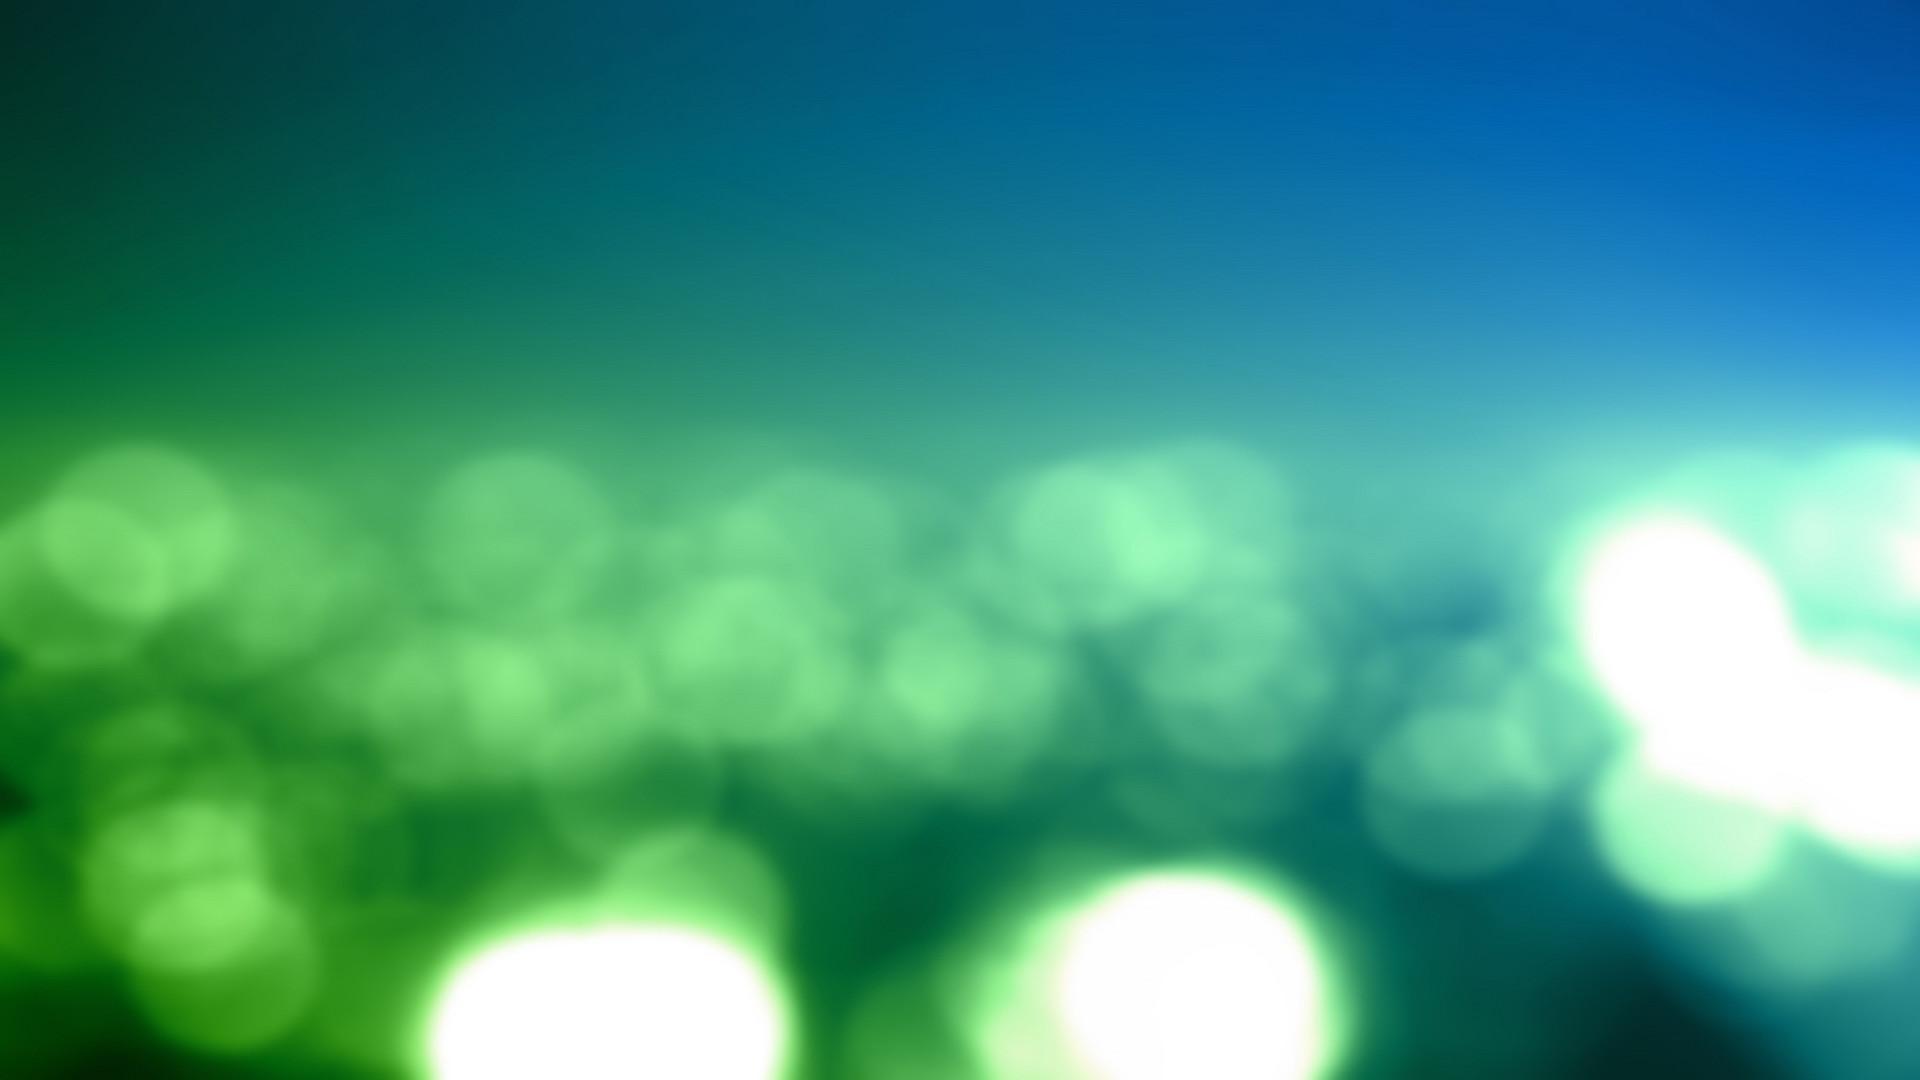 【1920×1080】 目に優しい緑色系の きれいな壁紙 【フルHD】 : 【1920×1080】 目に優しい緑色系 … blue green  twitter backgrounds …